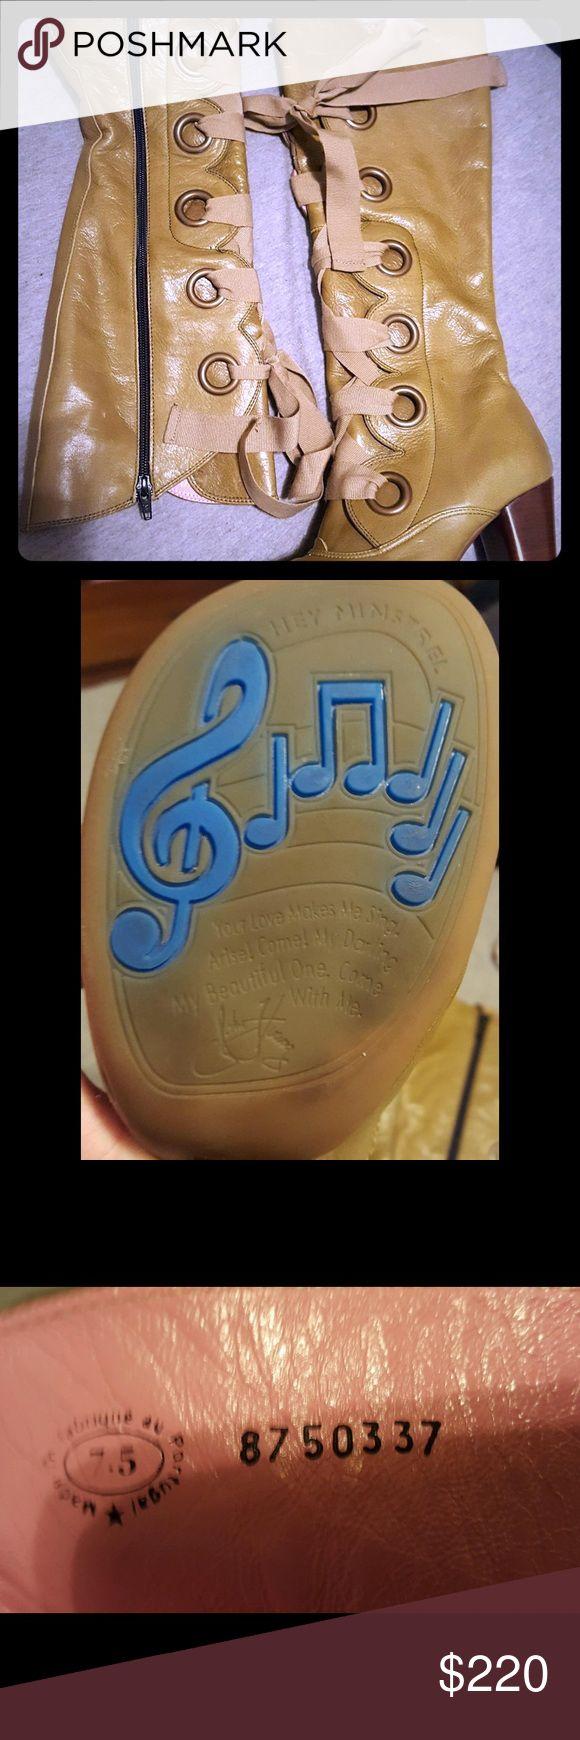 """John Fluevog Soprano Boots Unique, quality leather lace up boots by John Fluevog! Excellent condition! 2"""" heel. John Fluevog Shoes Lace Up Boots"""